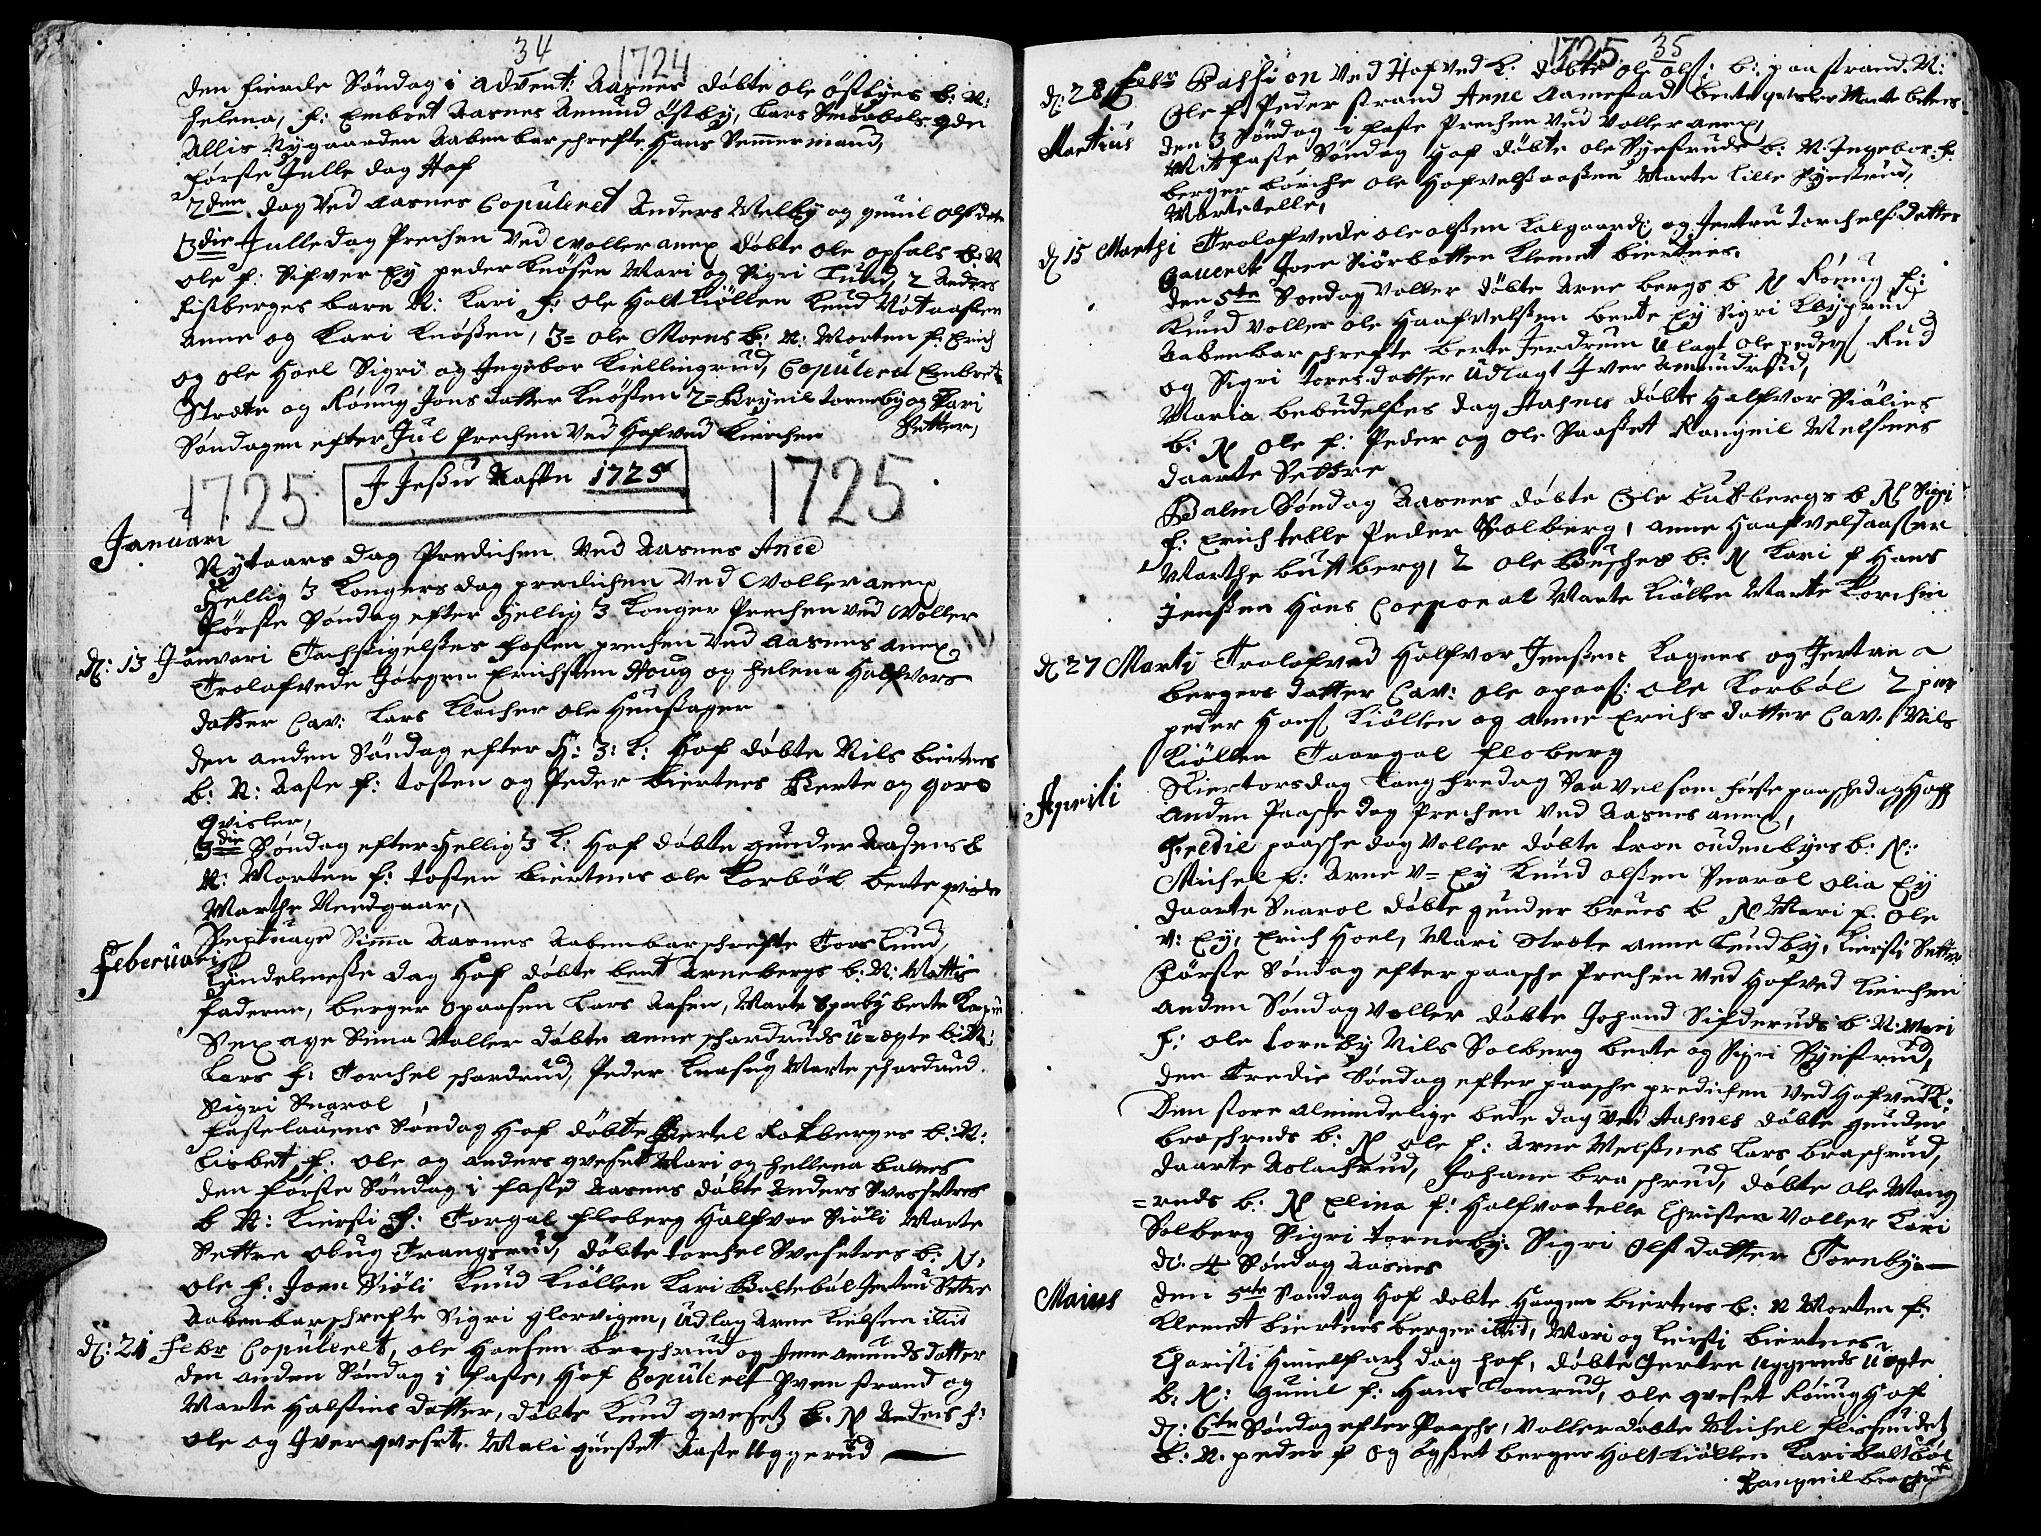 SAH, Hof prestekontor, Ministerialbok nr. 2, 1720-1749, s. 34-35